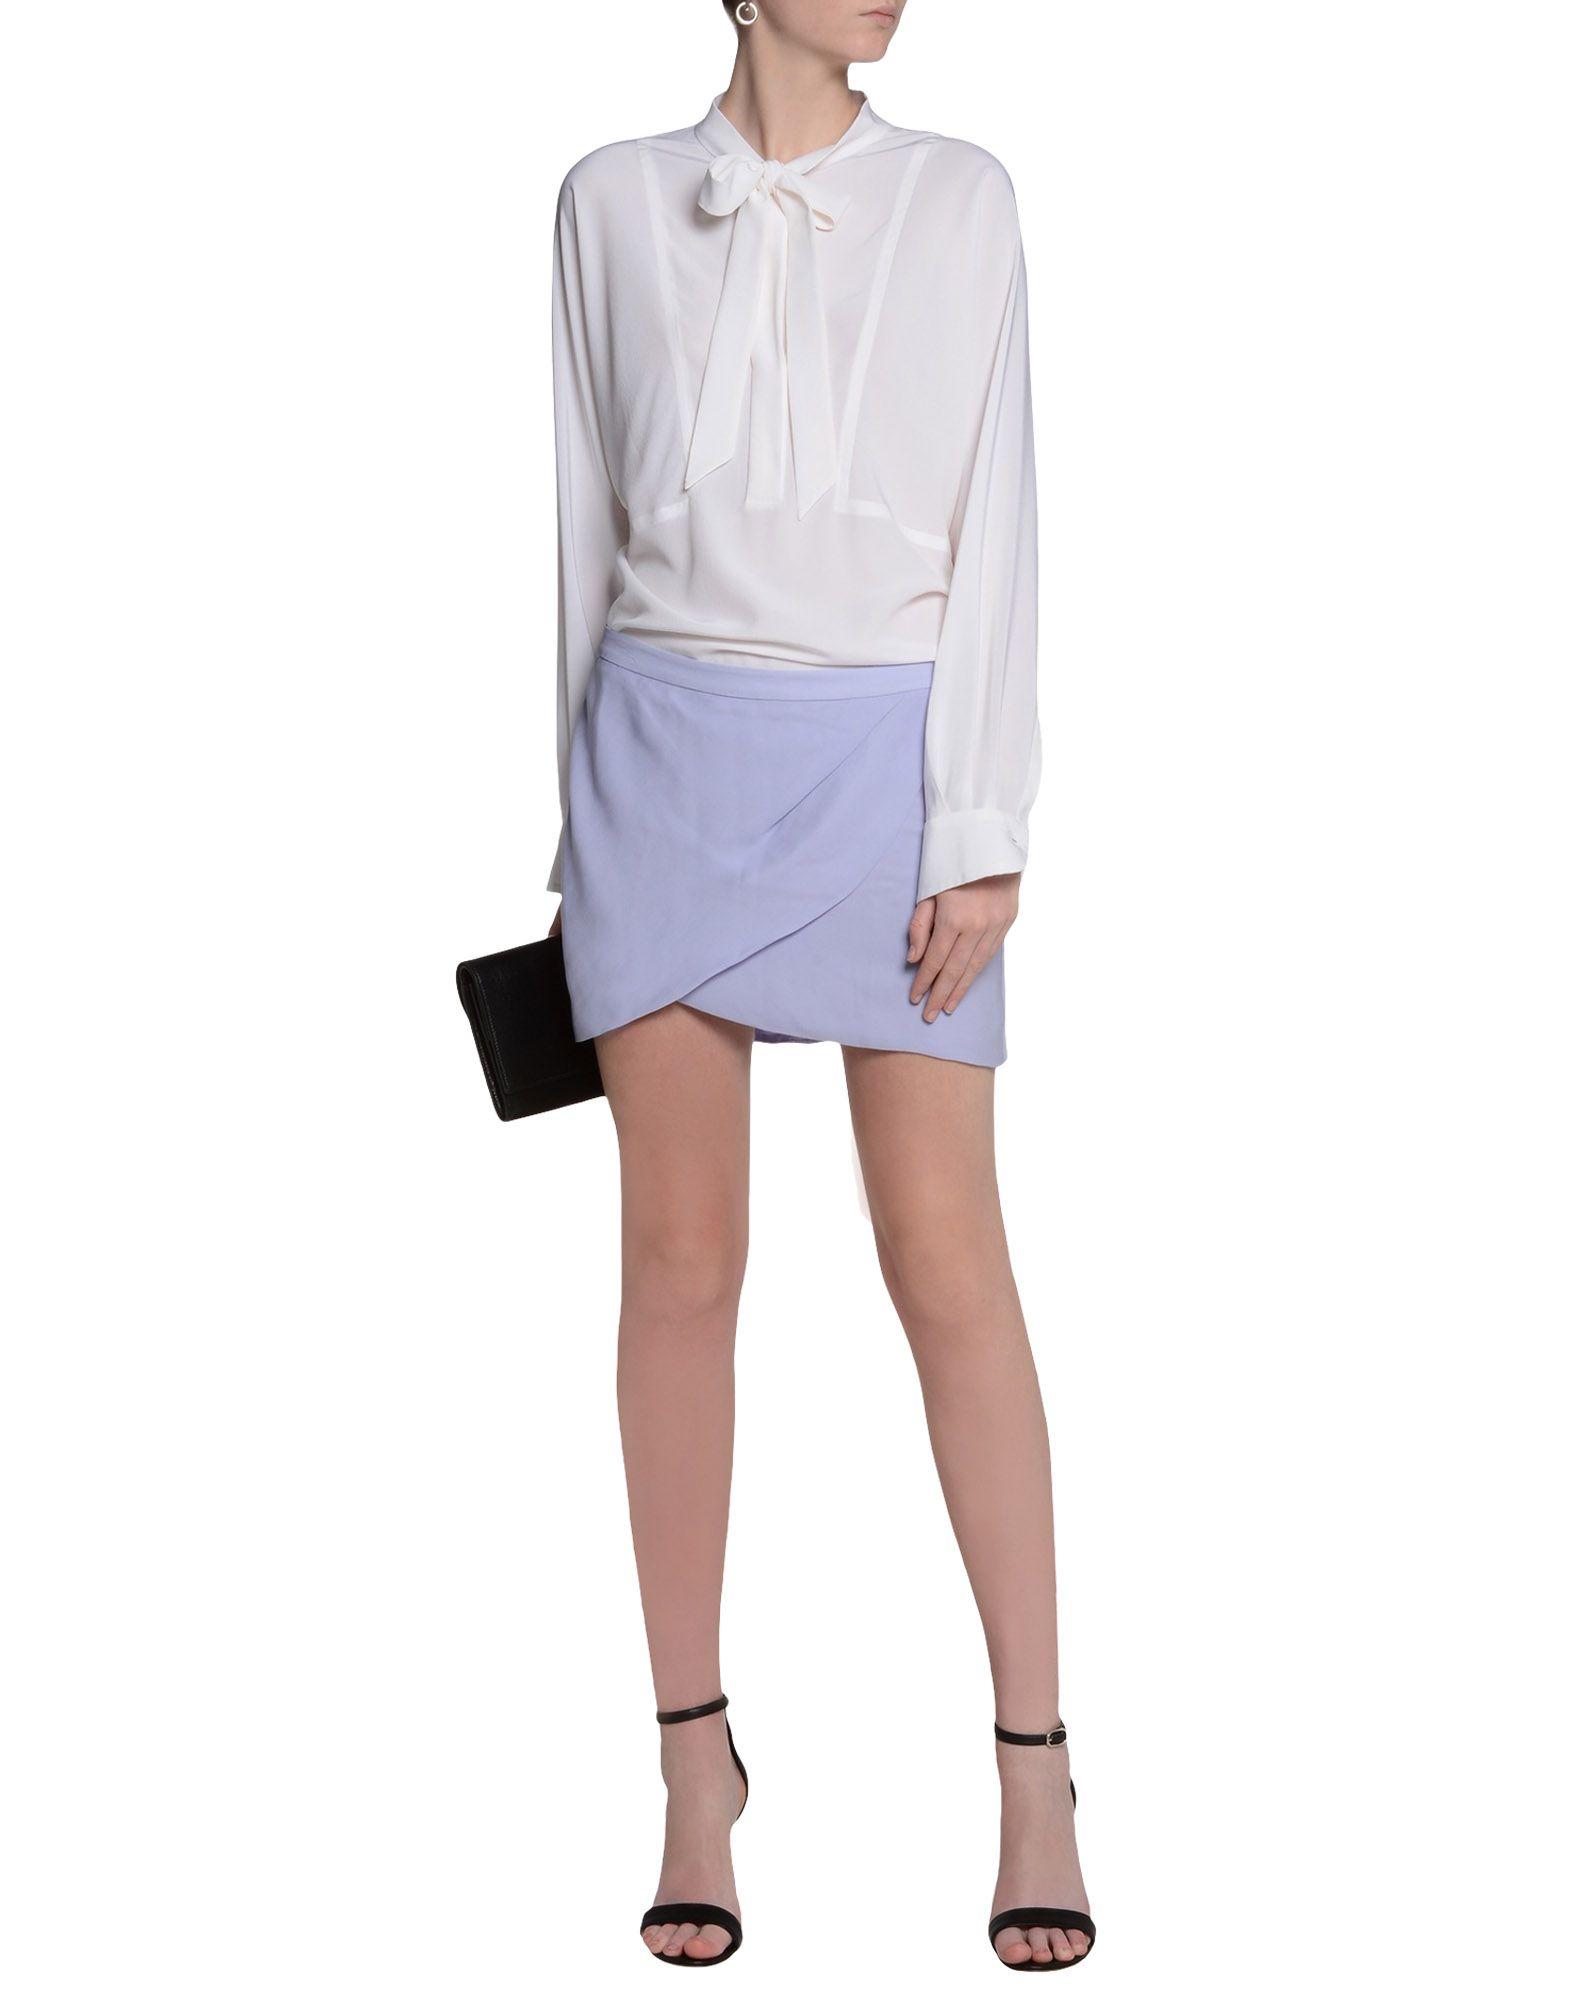 Minigonna Mason Donna - Acquista online su uo68vk